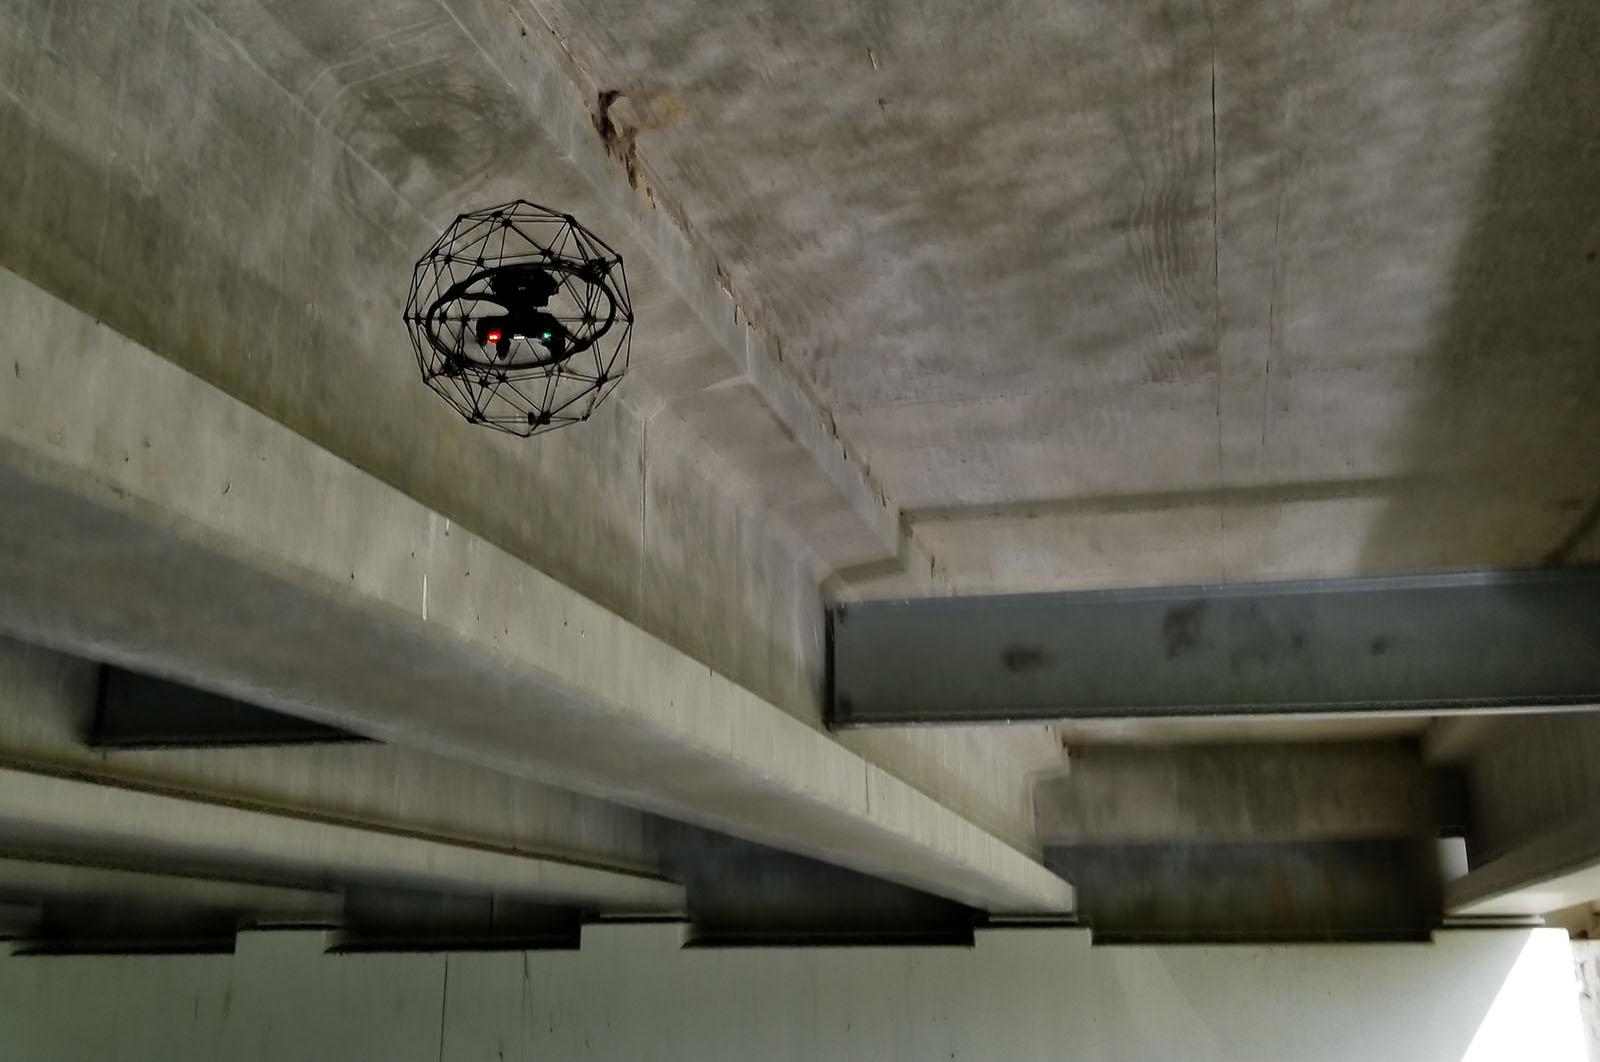 Indoor Drones in Bridge Inspection: Between Beams and inside Box Girder